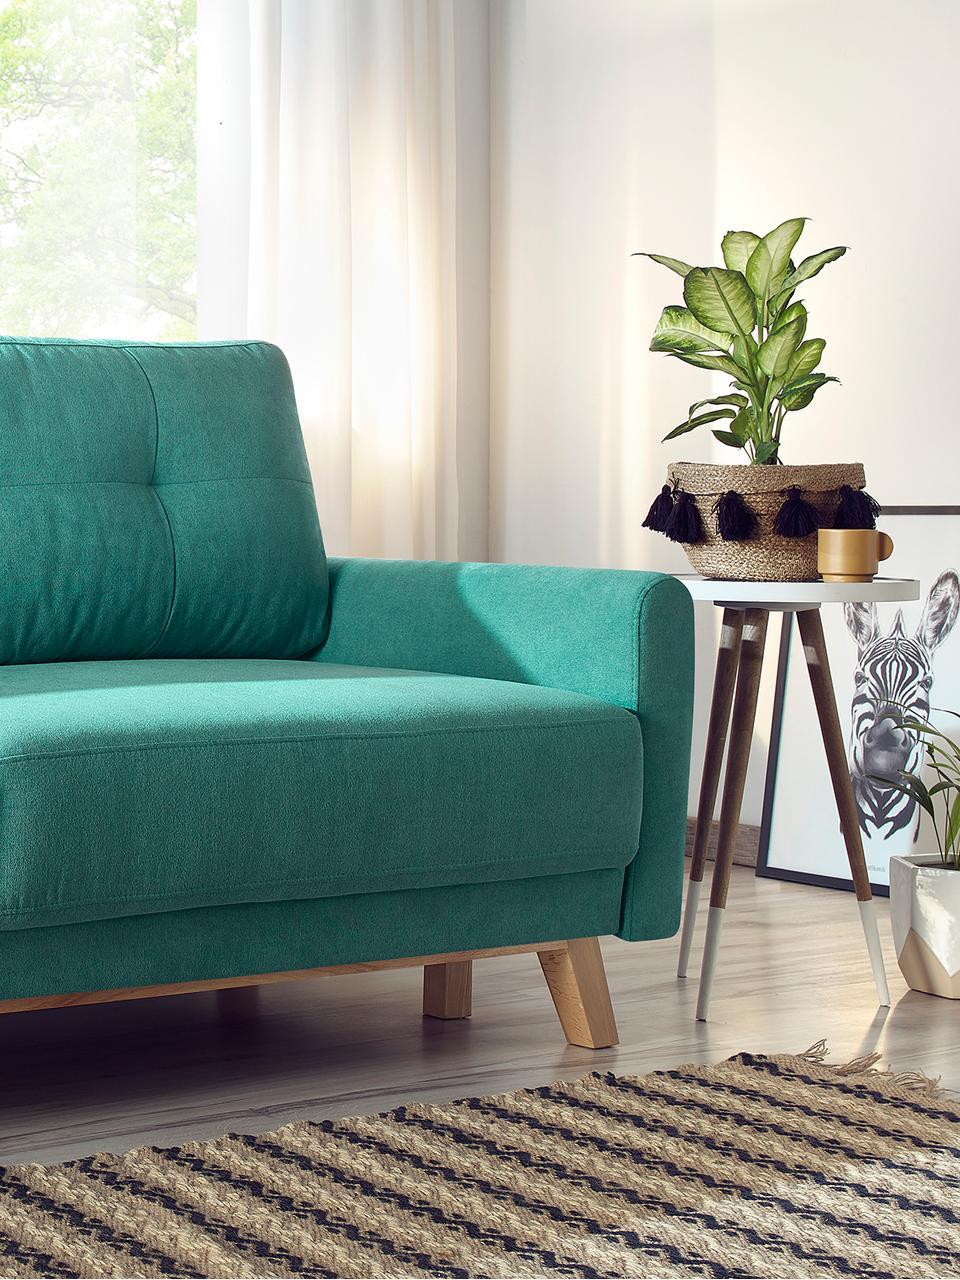 Sofa z aksamitu z funkcją spania i schowkiem  Balio (3-osobowa), Tapicerka: aksamit poliestrowy Dzięk, Nogi: drewno naturalne, Szmaragdowy, S 216 x G 102 cm